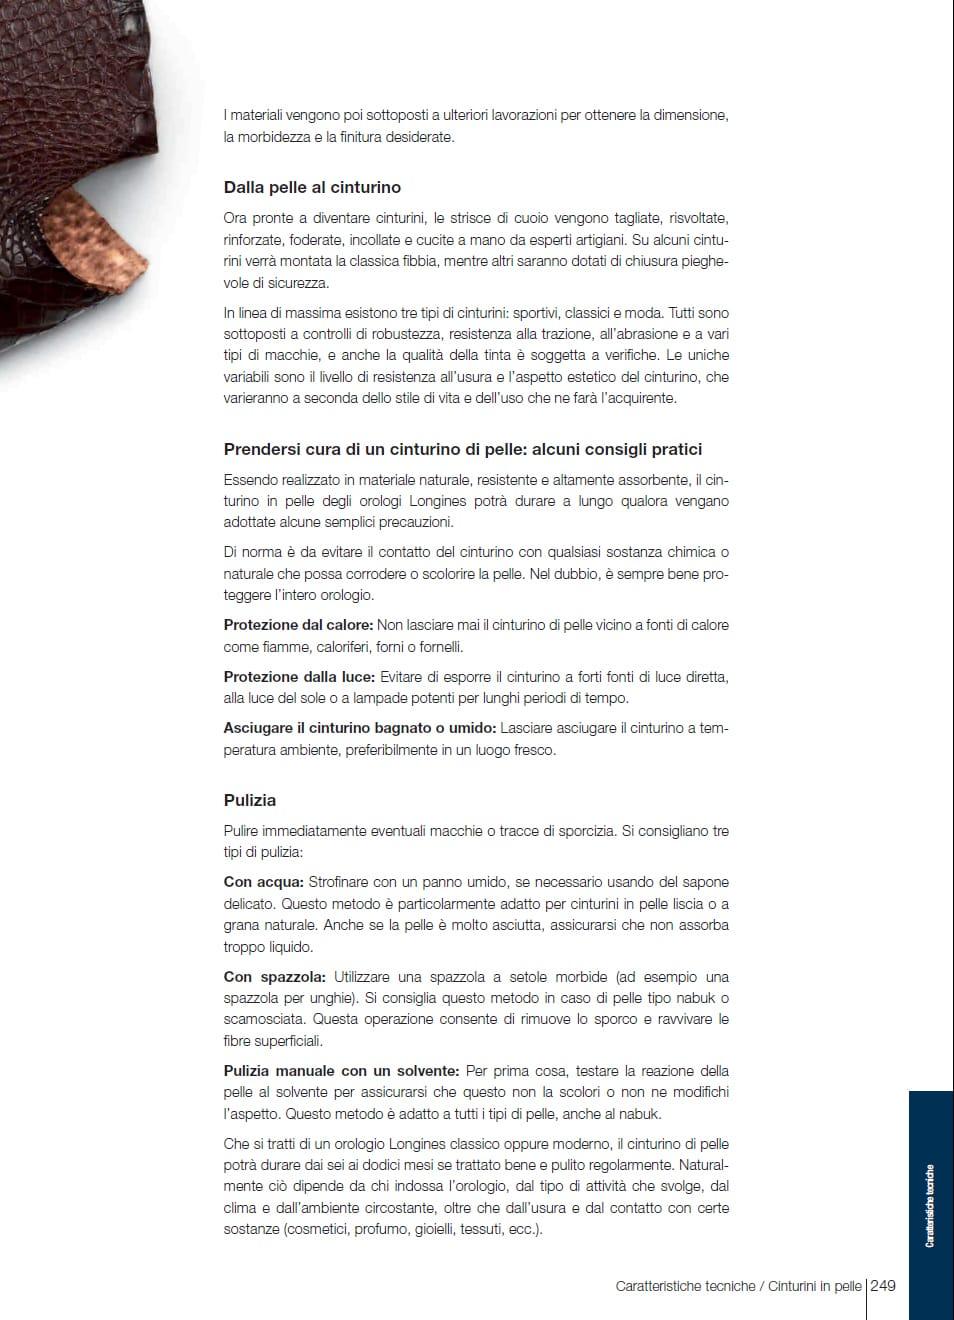 Cinturini in pelle | Gioielleria Caruso